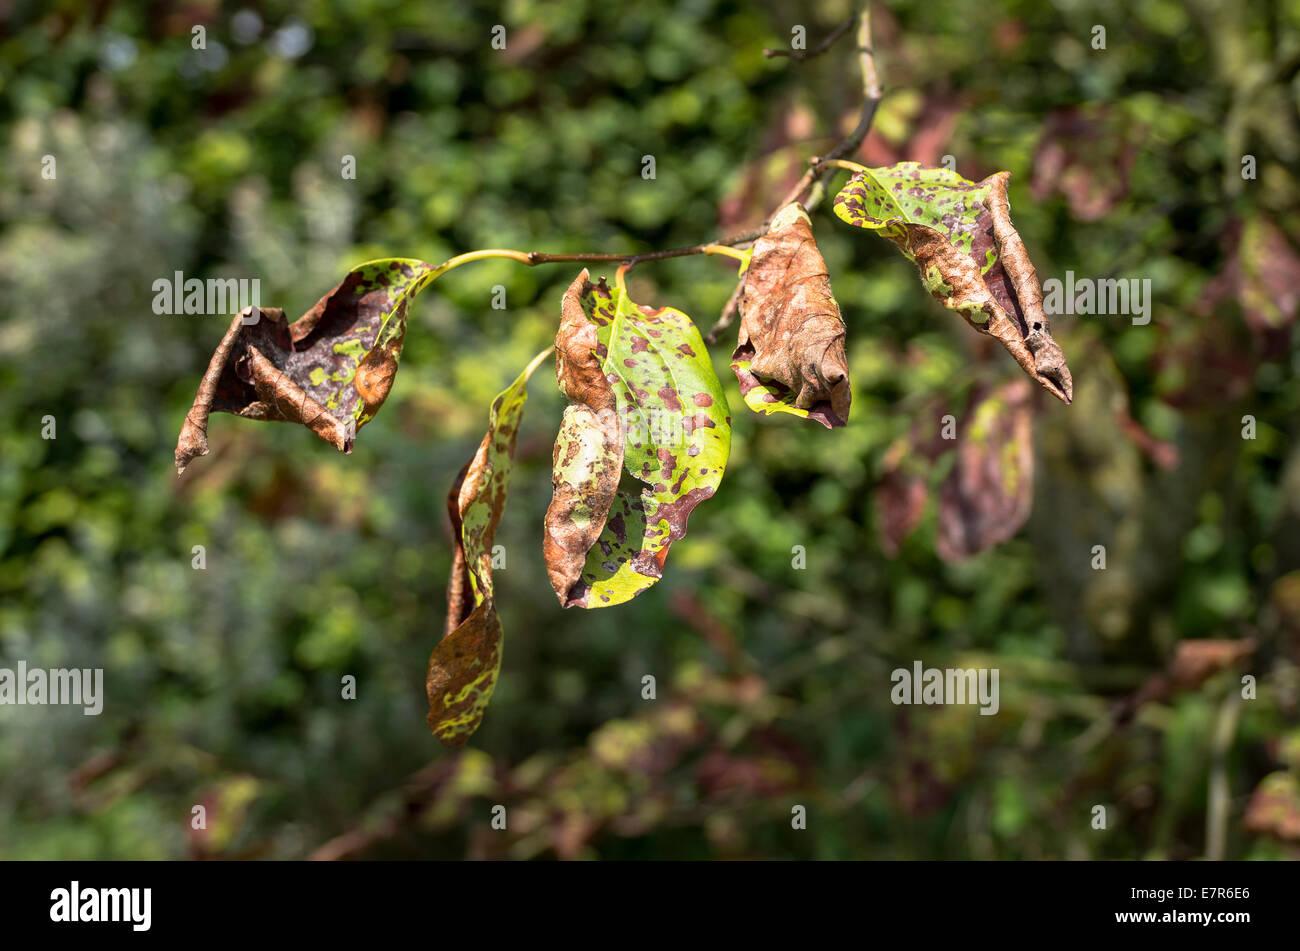 Welke Blätter an einem Quitte Baum zeigt eine Form der Verderbnis Stockbild